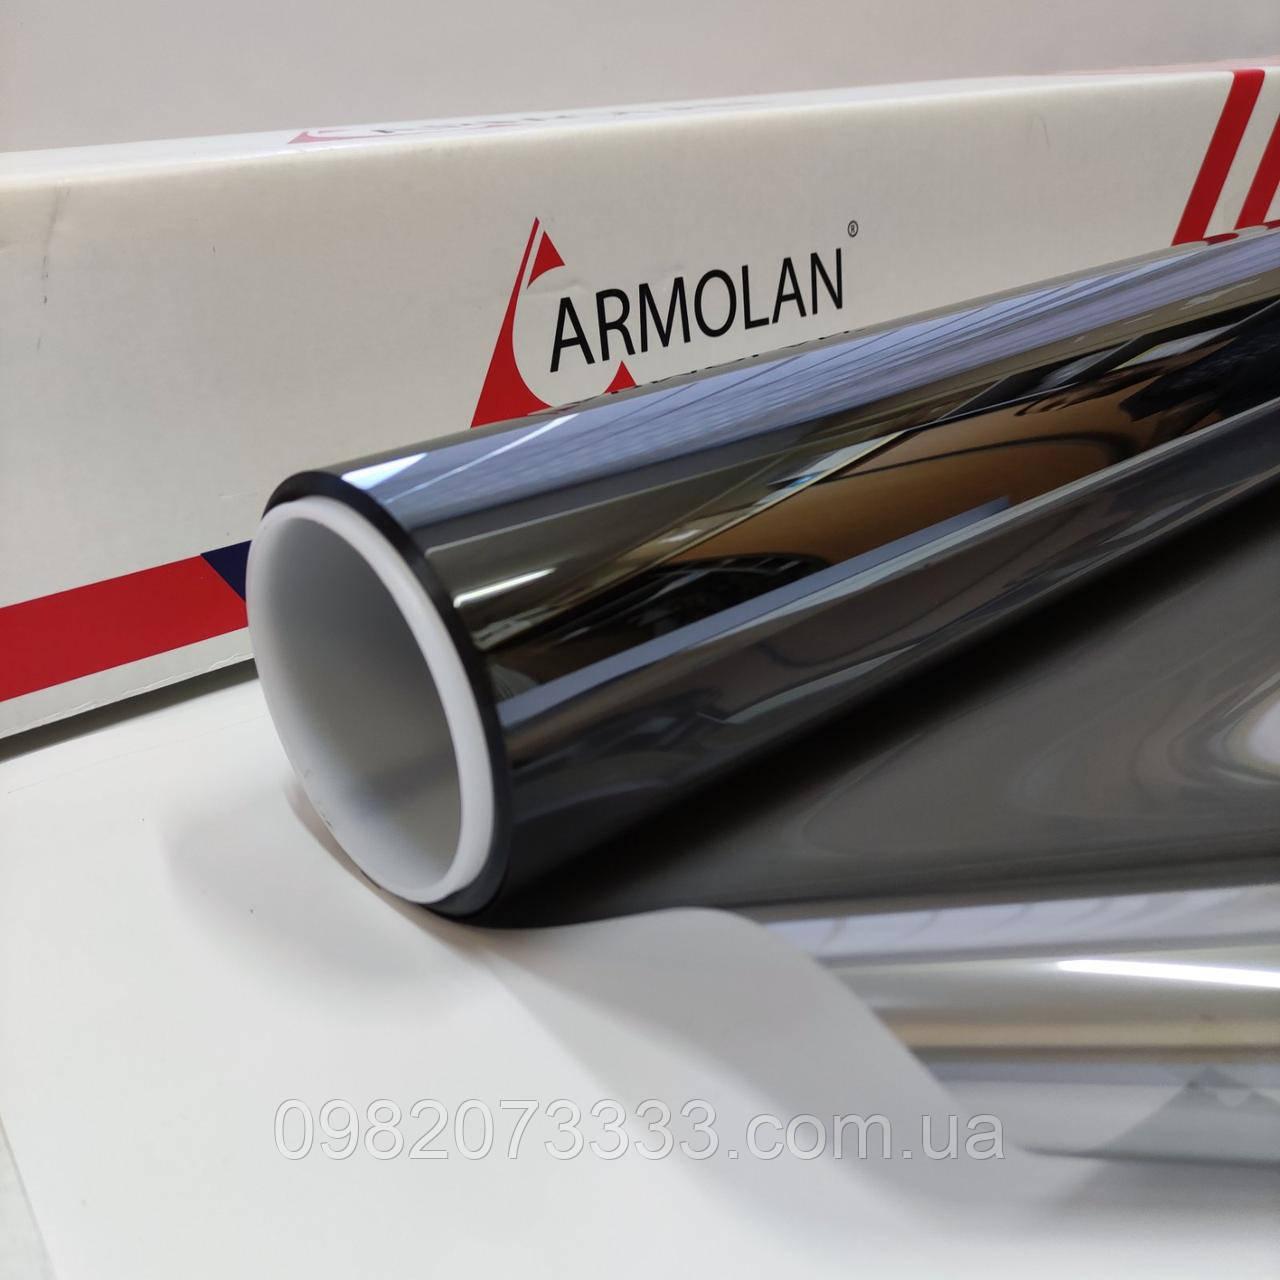 Металізована НР Platinum 35 сонцезахисна спаттерная плівка для тонування стекол (1,524) (пм)